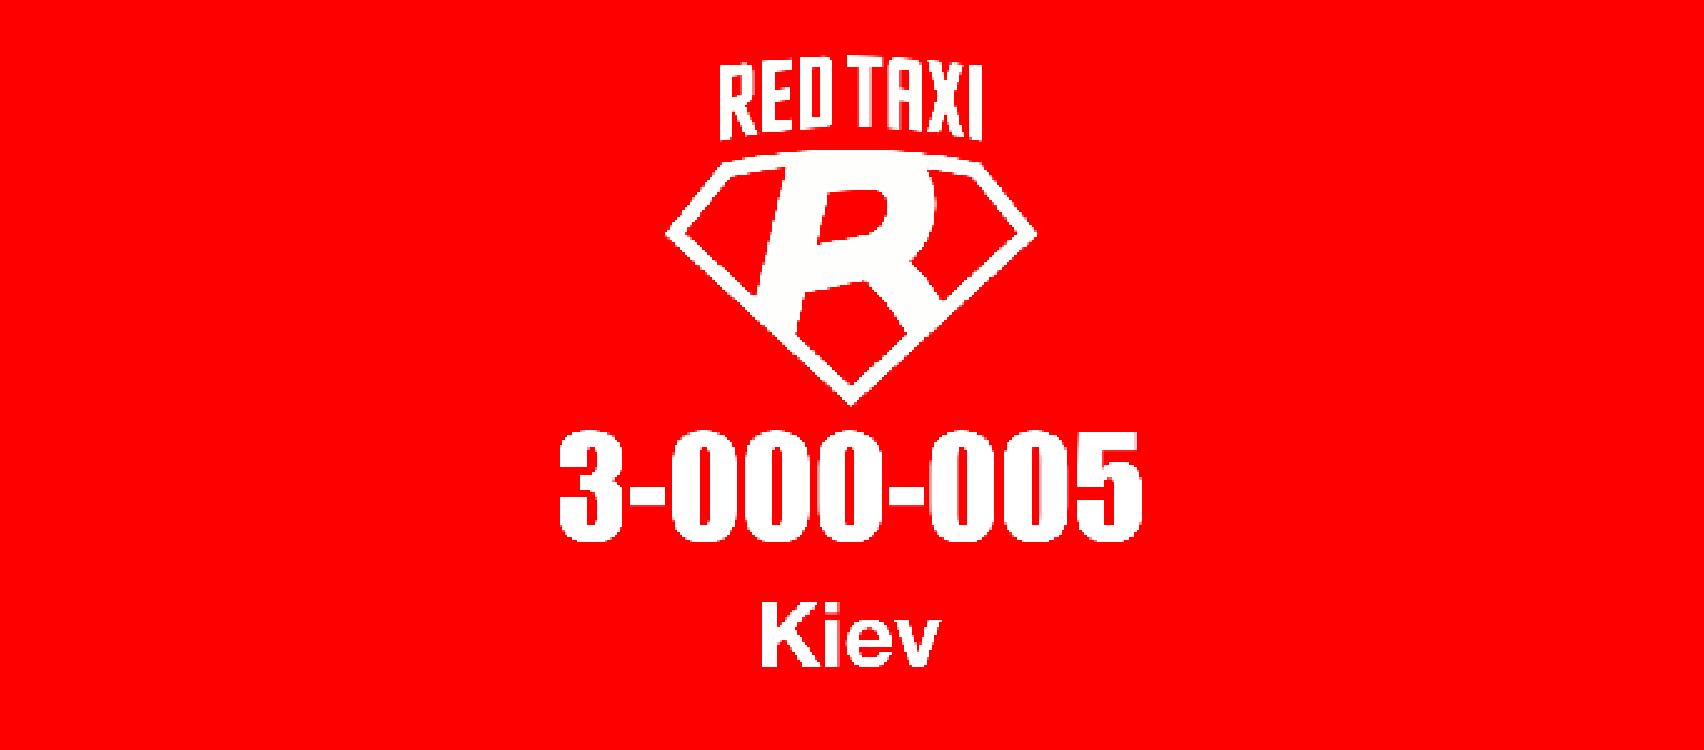 Таксі RED  (Київ)